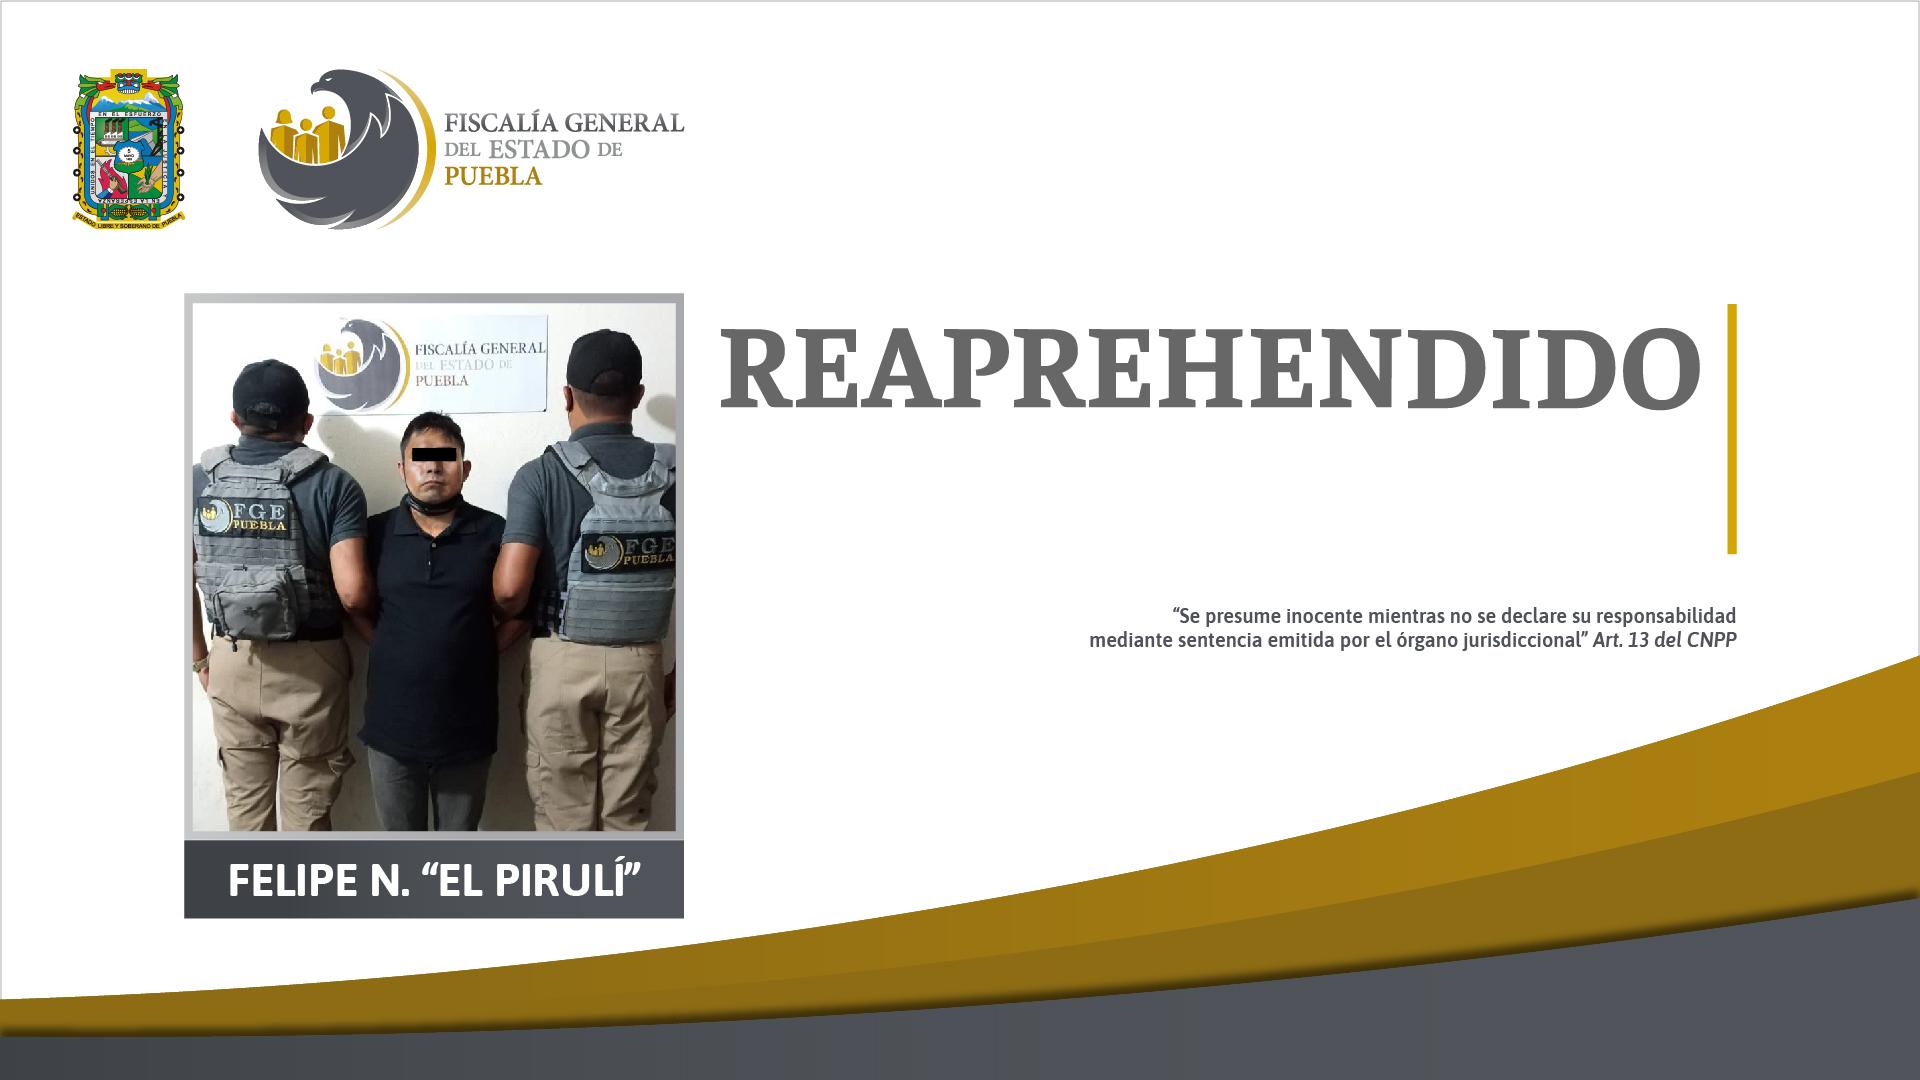 """Fiscalía Puebla reaprehendió en Veracruz a Felipe N. """"El Pirulí"""""""